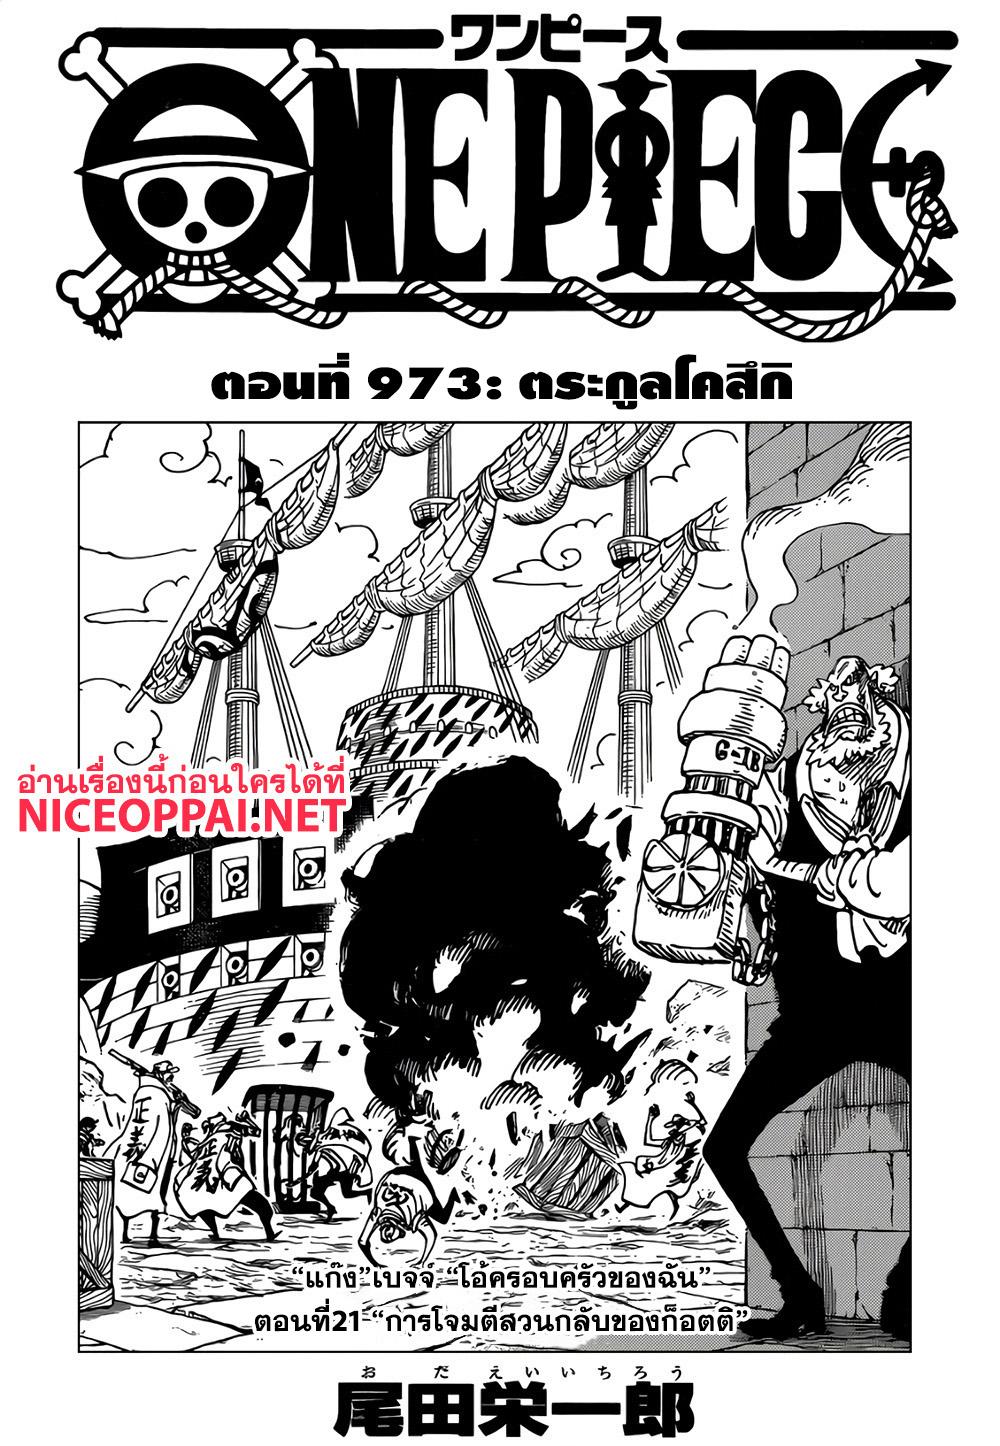 อ่านการ์ตูน One Piece ตอนที่ 973 หน้าที่ 1